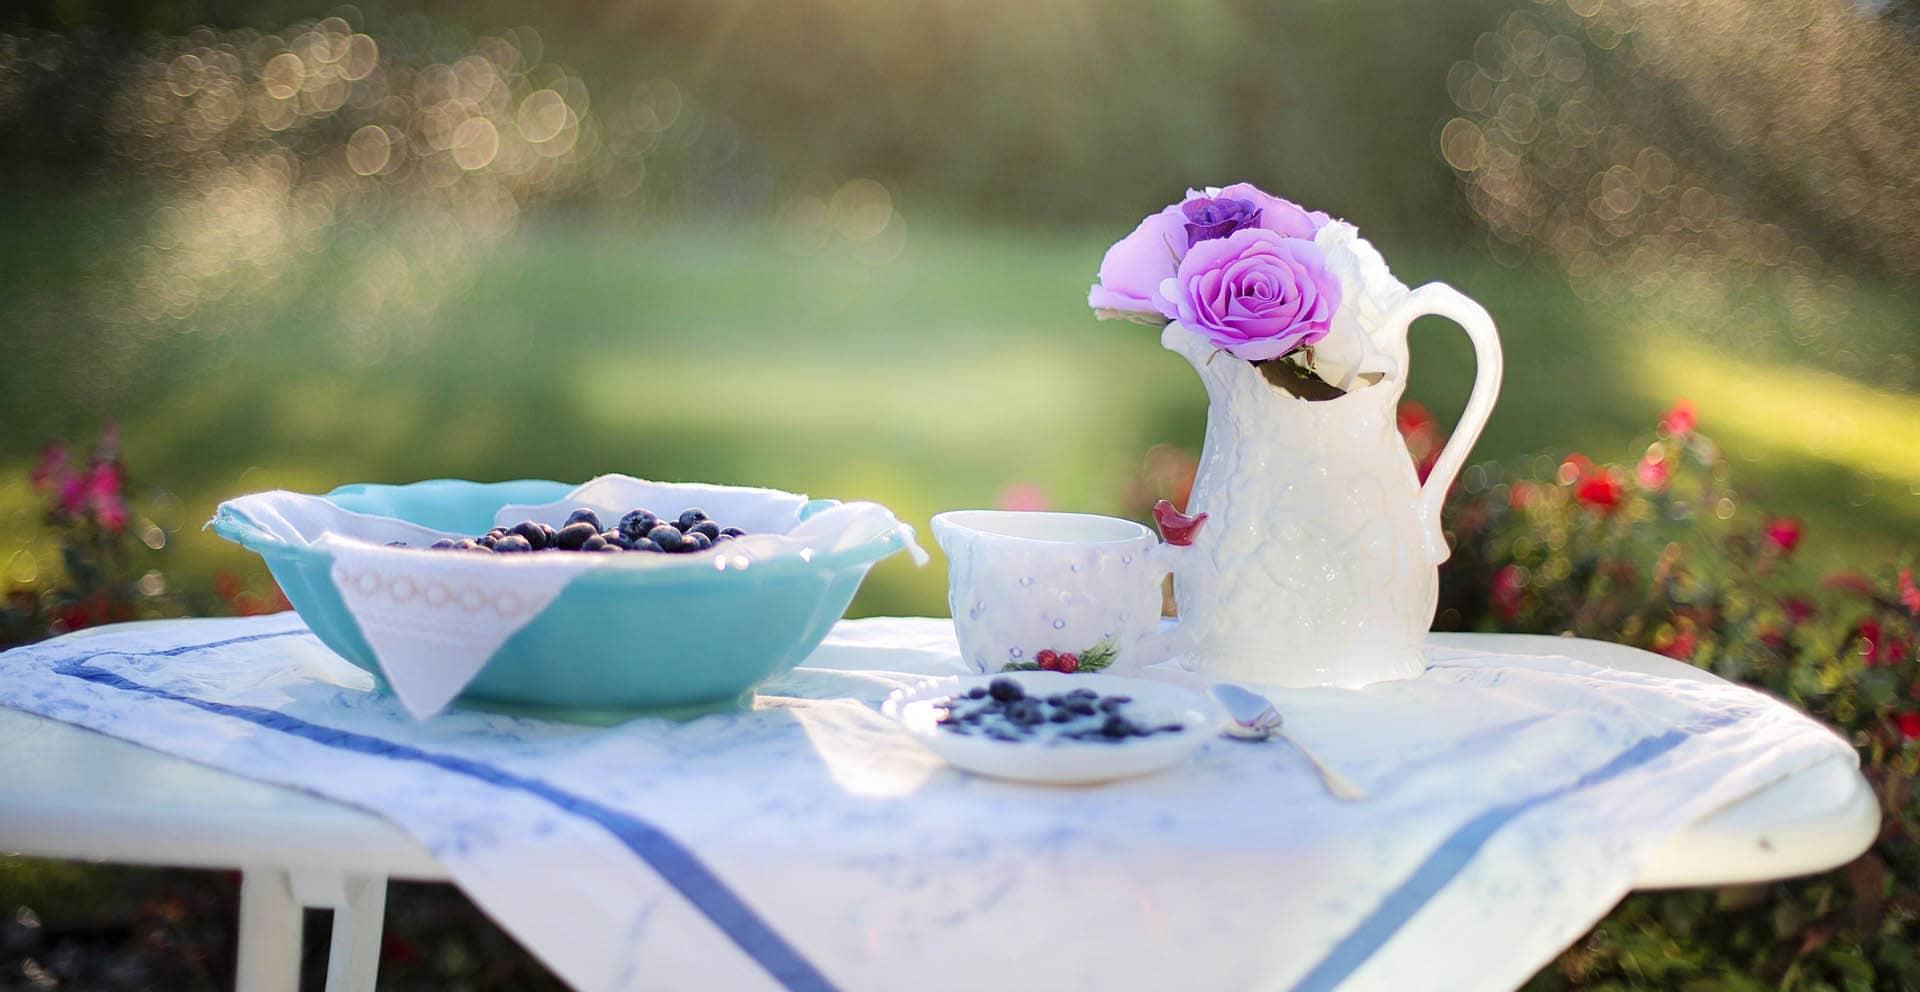 Défi petit déjeuner : sublimez le repas le plus important de la journée